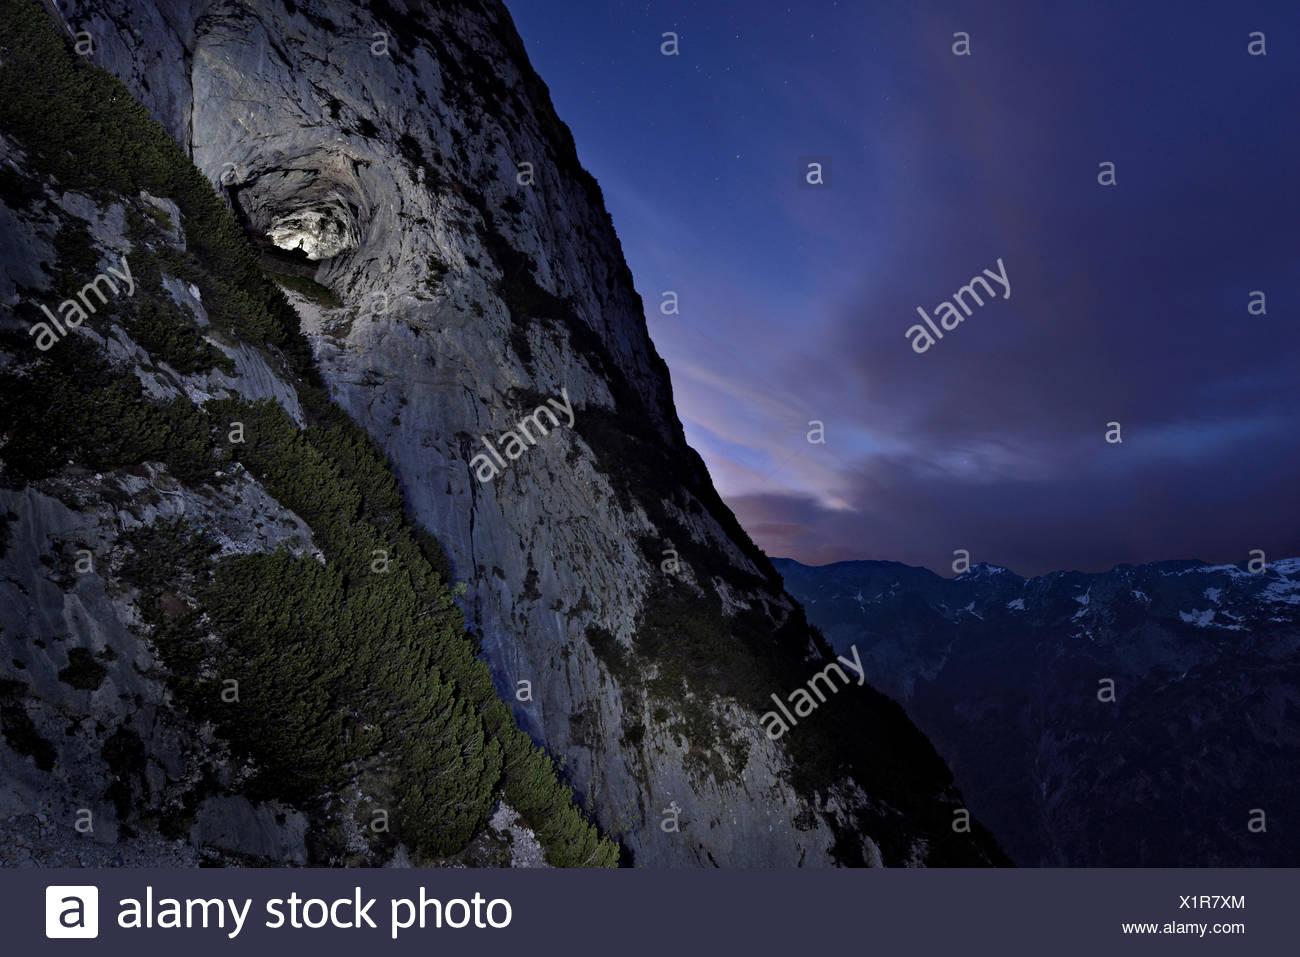 Der Eingang der Eisriesenwelt Eishoehle mit den österreichischen Alpen in der Ferne. Stockbild